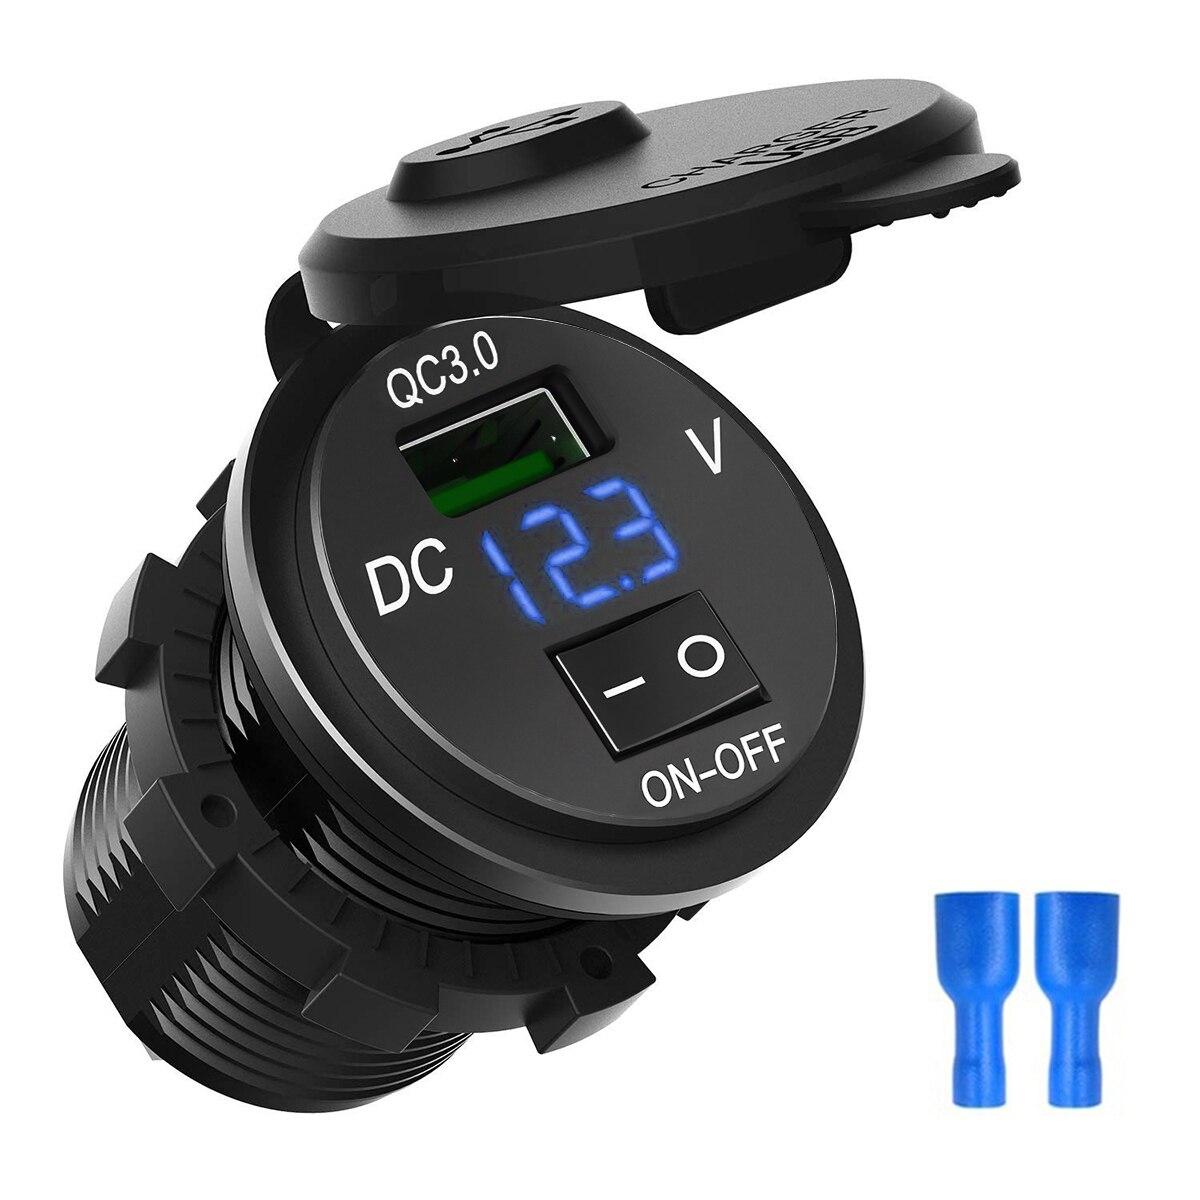 Voltmeter 2-Port USB Charger Outlet Socket Panel per DC 12V//24V Car Marine